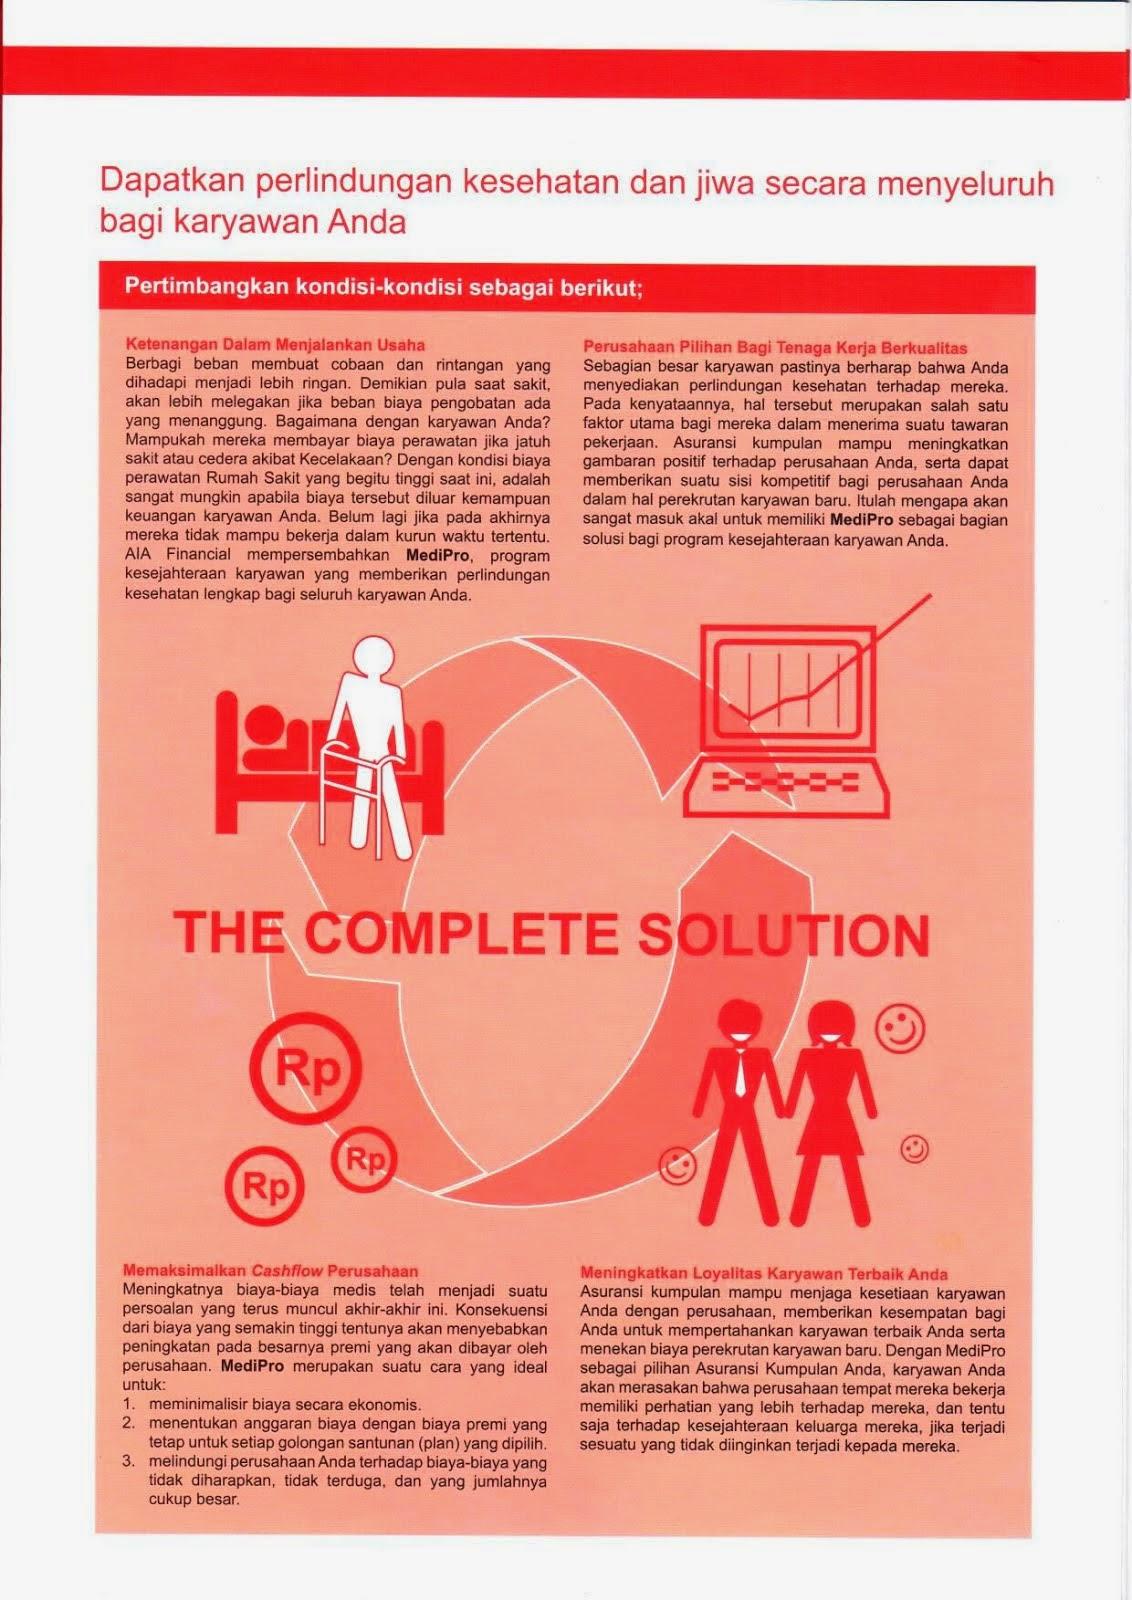 Perlindungan Kesehatan dan Jiwa secara menyeluruh Bagi Karyawan Anda